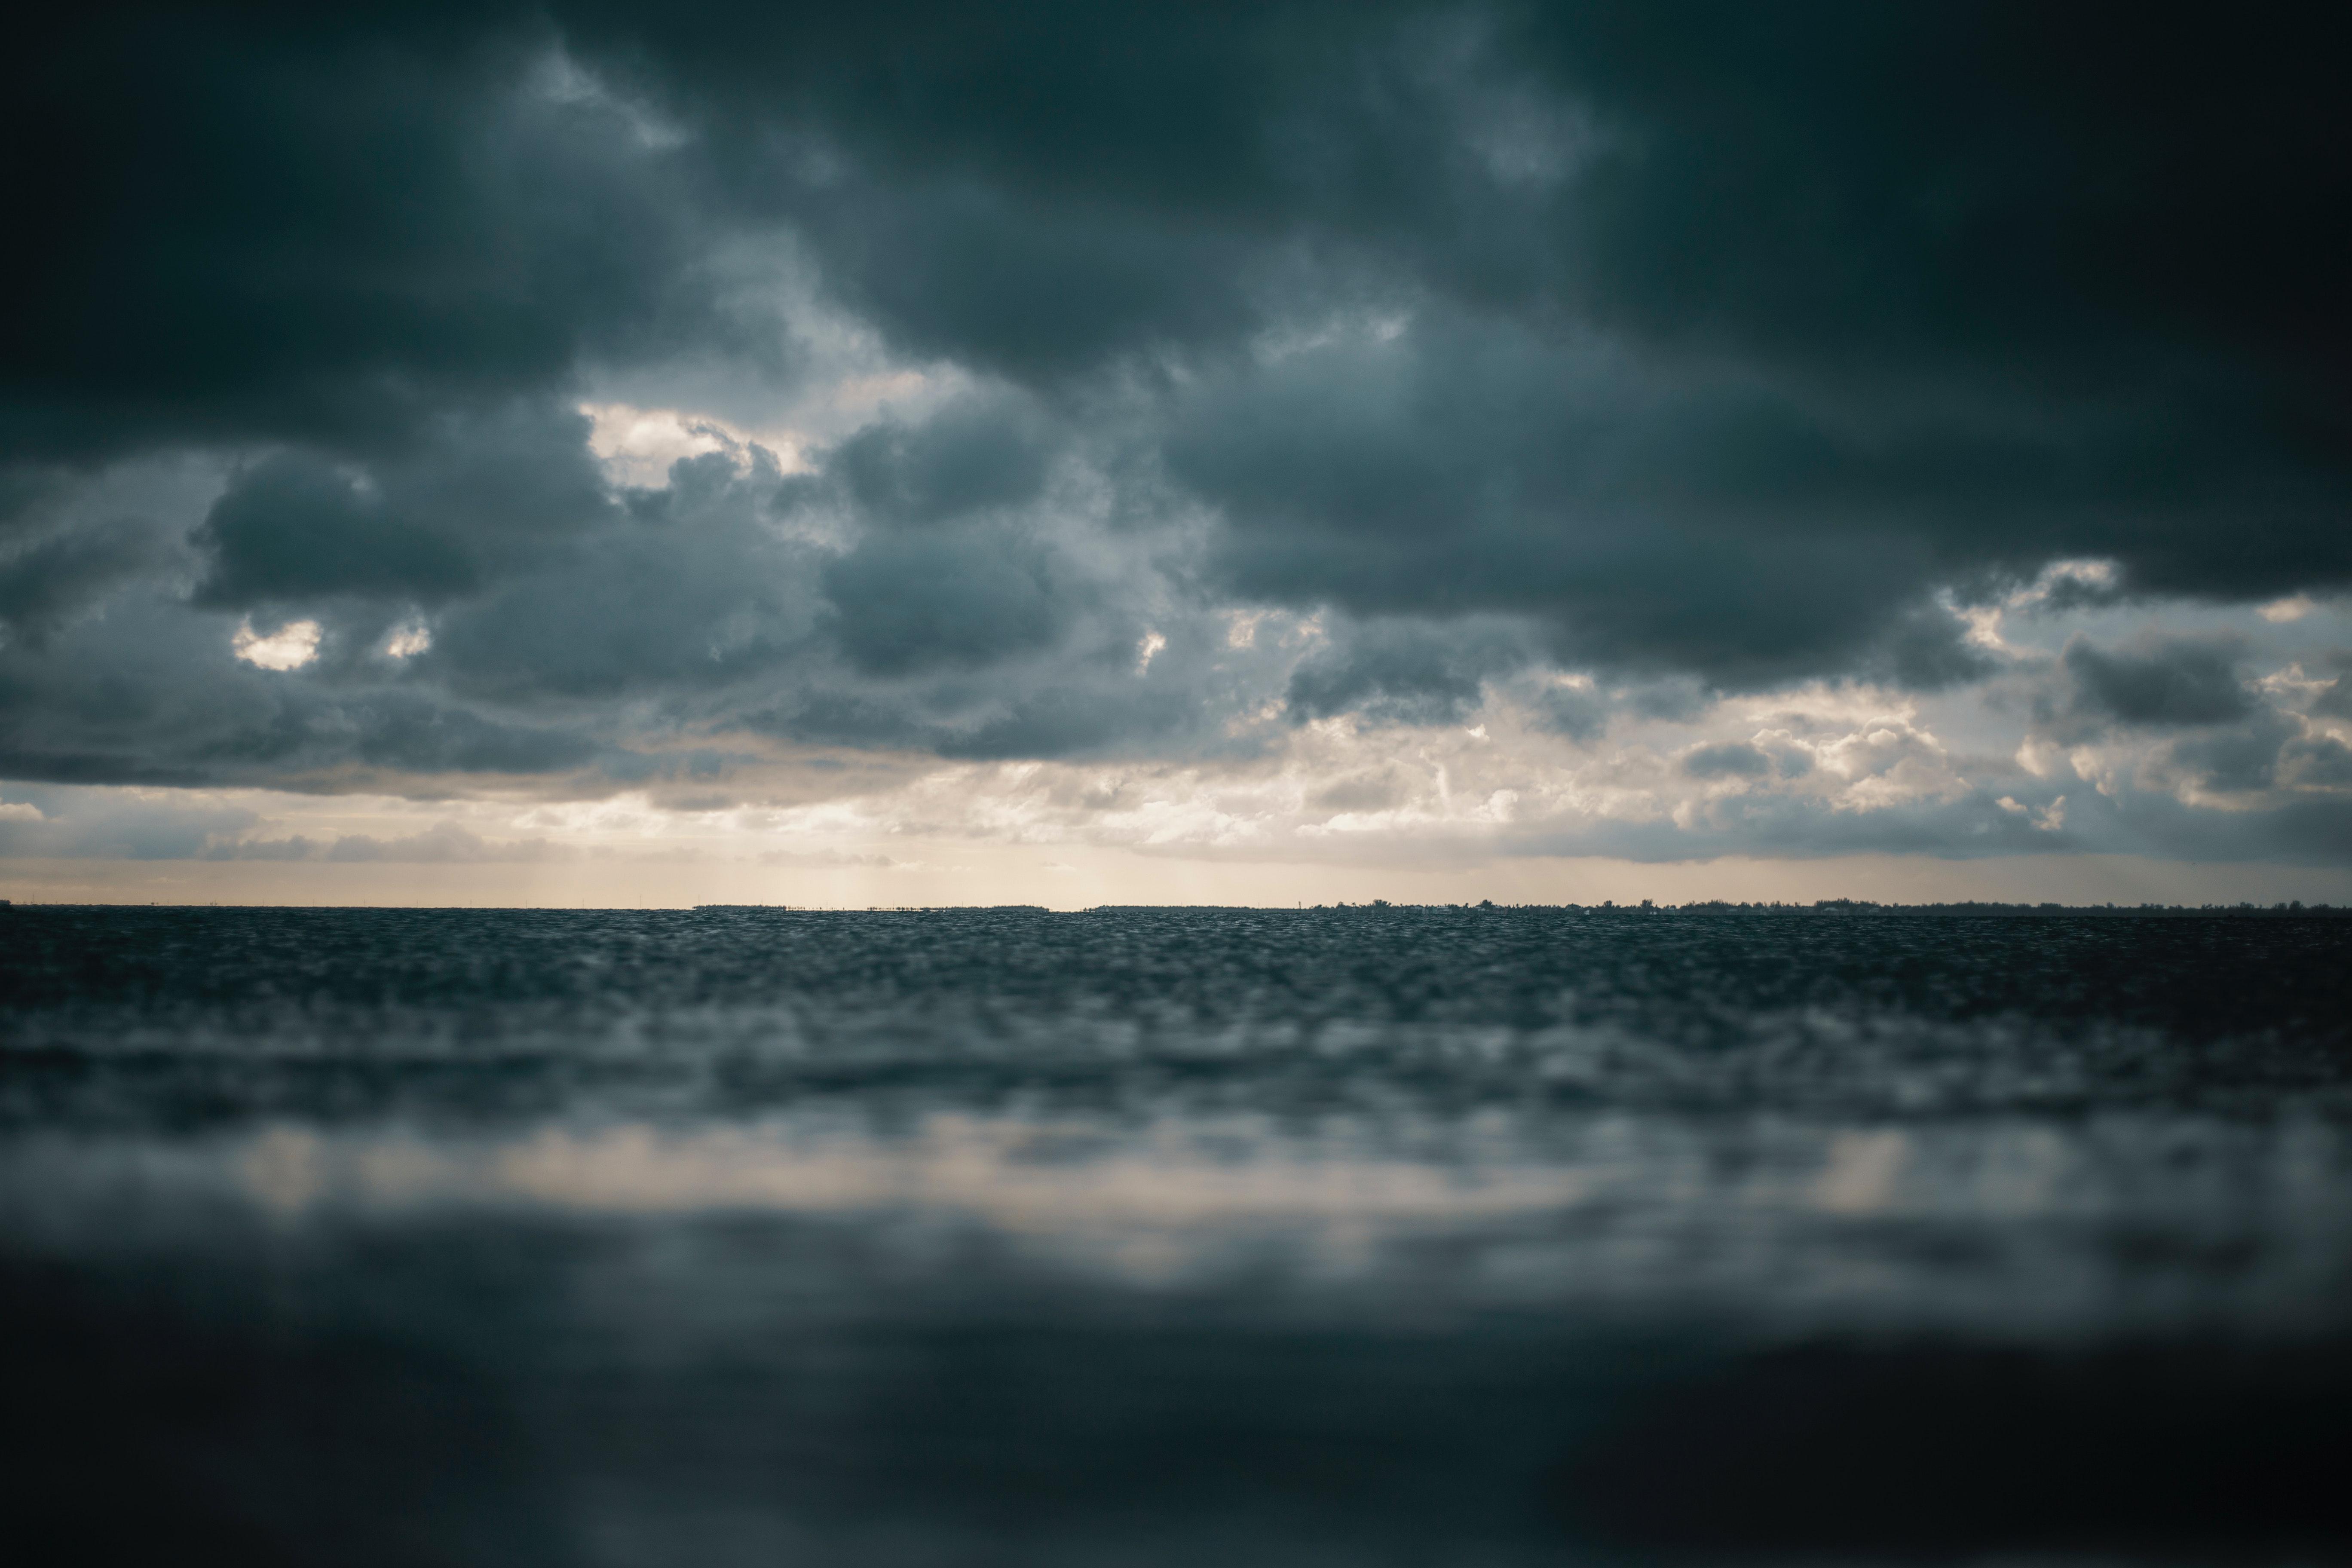 Storm in Longboat Key